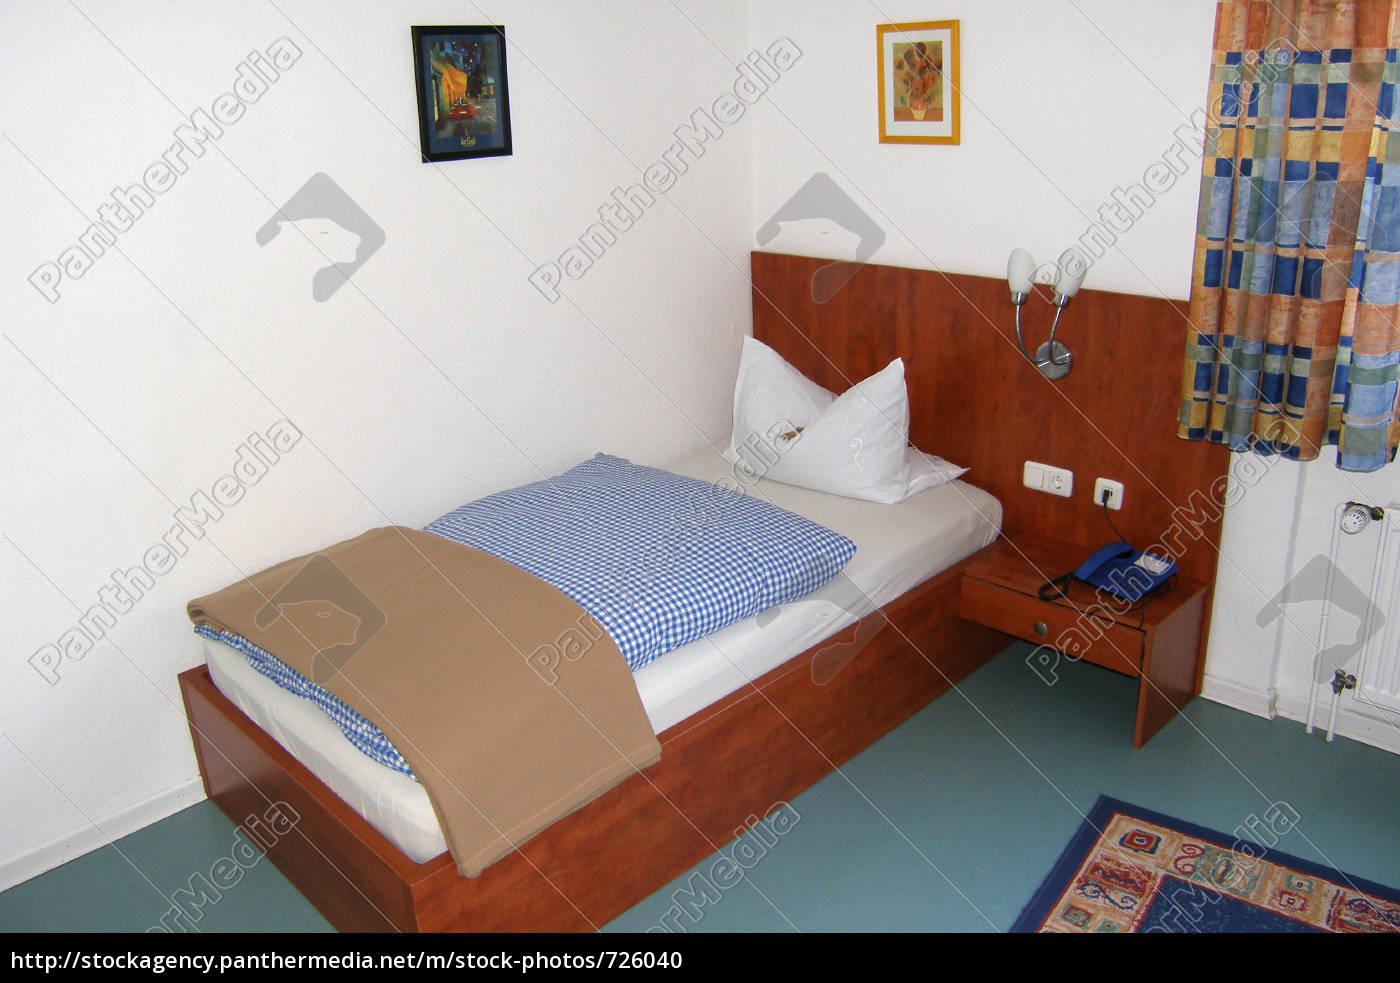 einzelzimmer - 726040